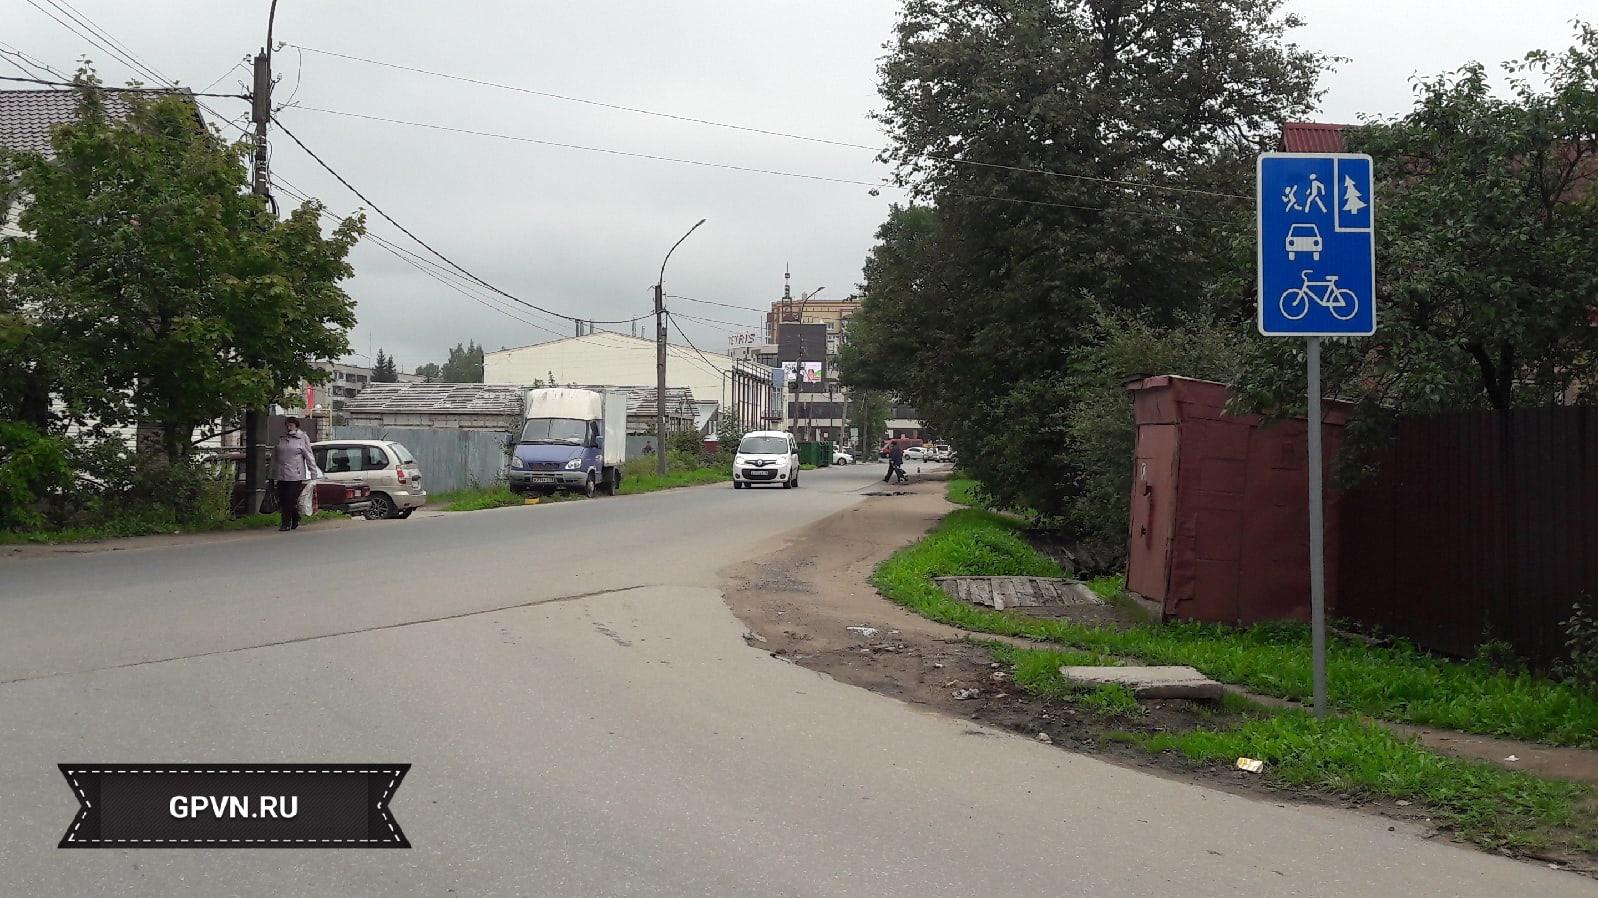 Велосипедная зона в Полевом переулке